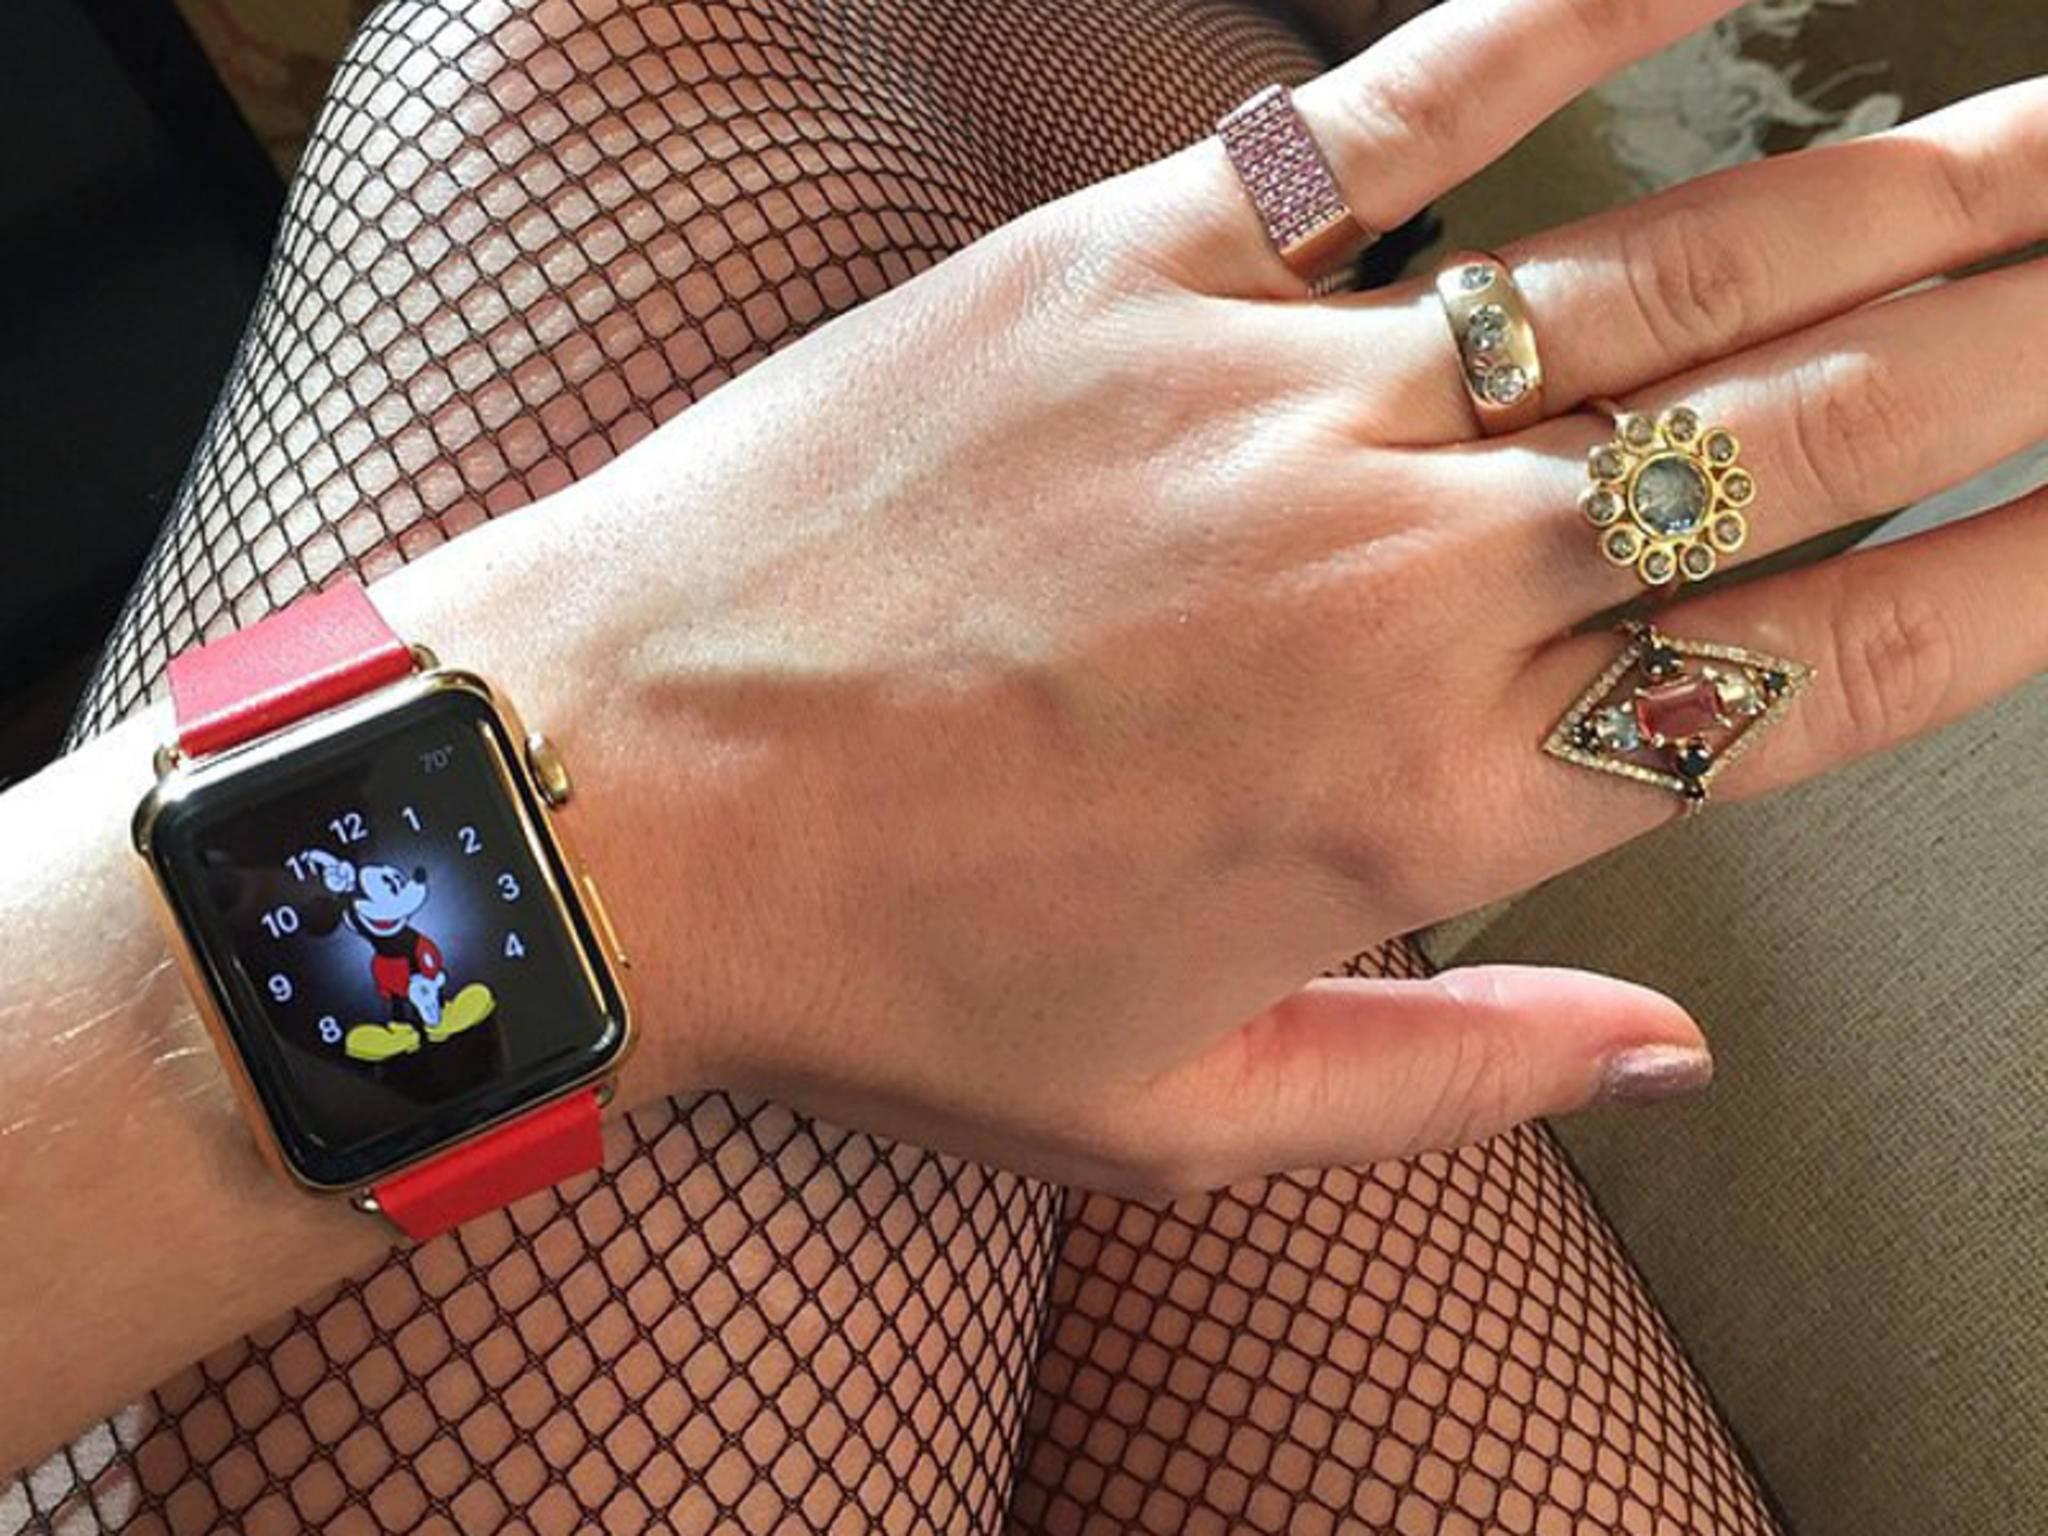 Hübsch, aber noch nicht perfekt: Die Apple Watch.